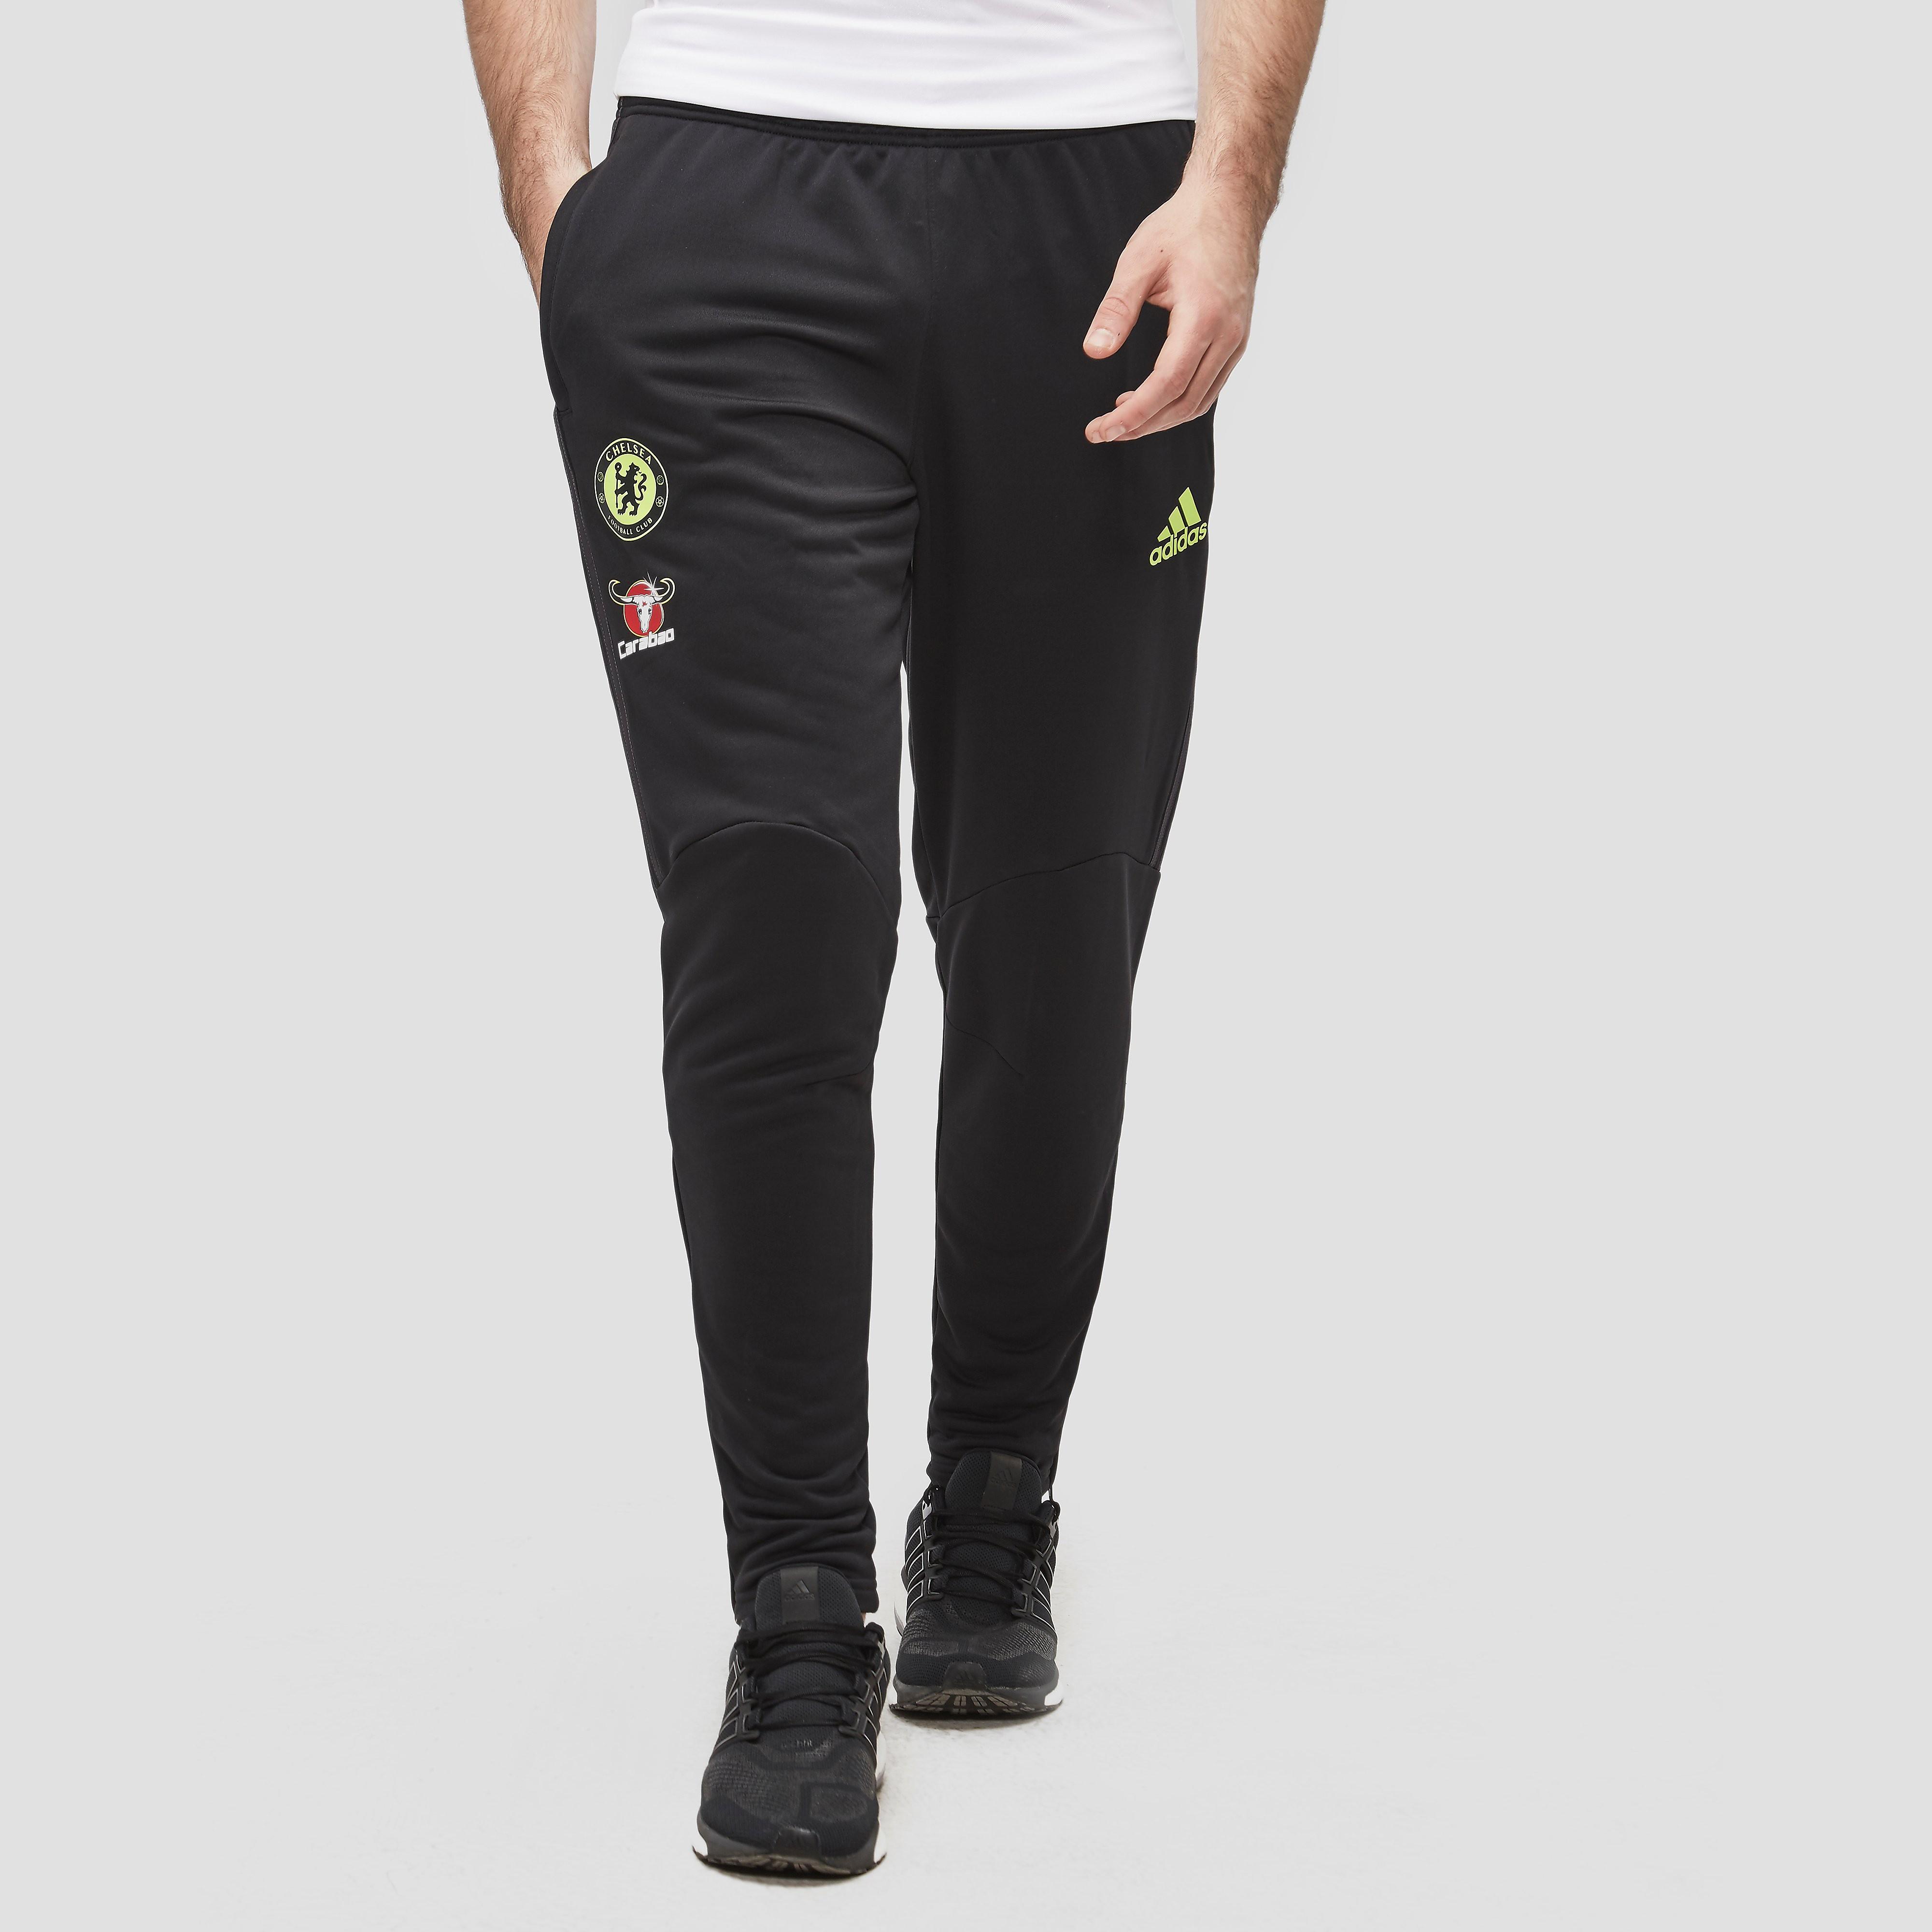 adidas CHELSEA FC PRESENTATIEBROEK